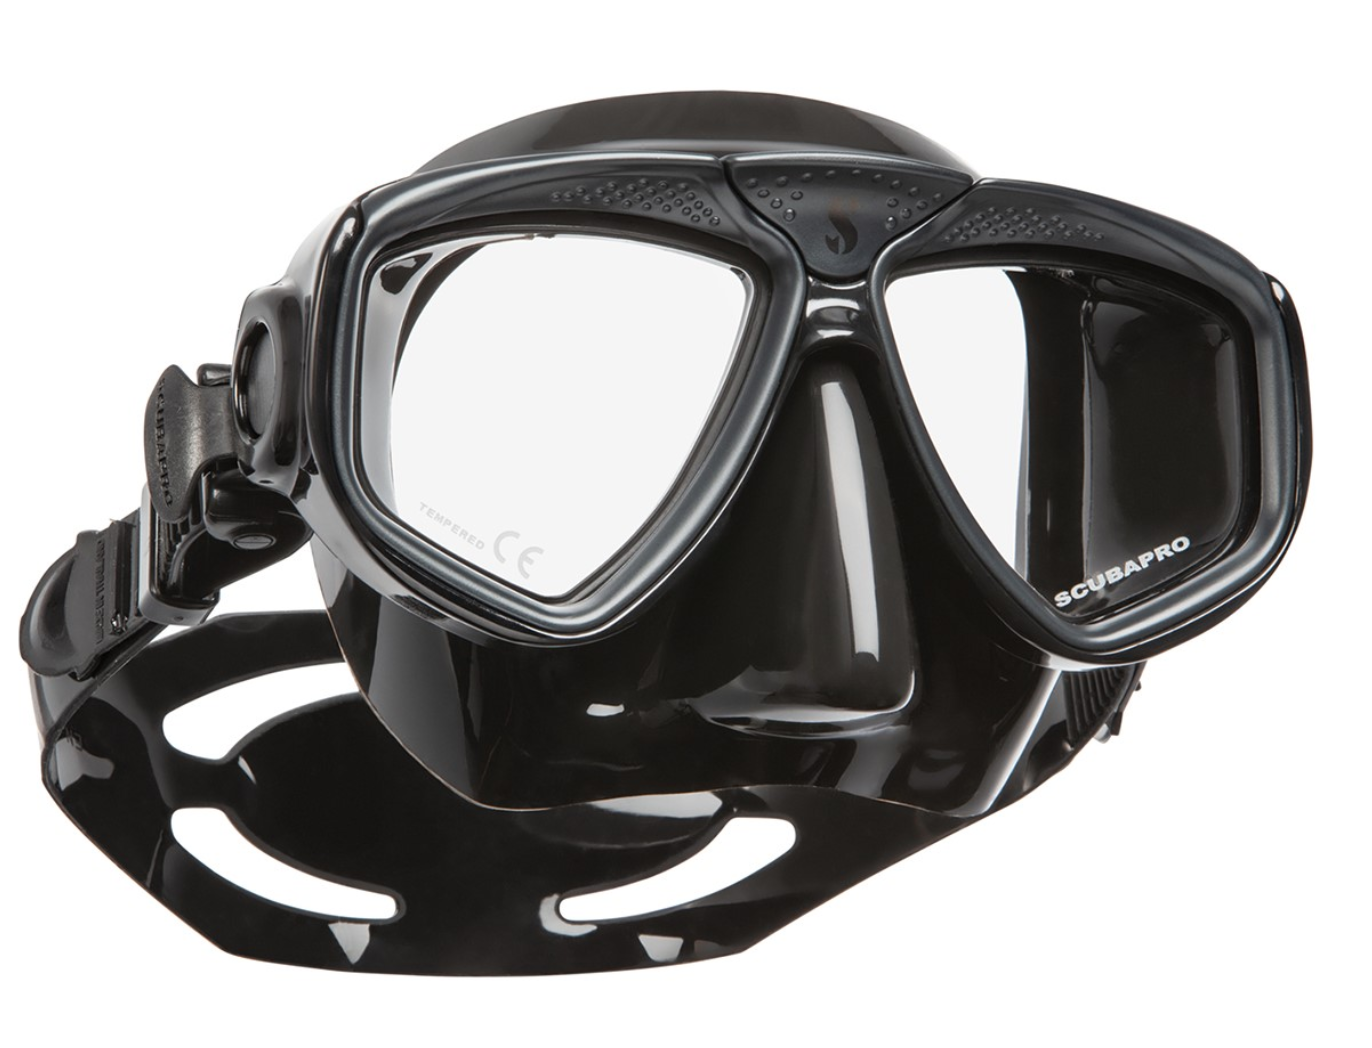 Zoom mask